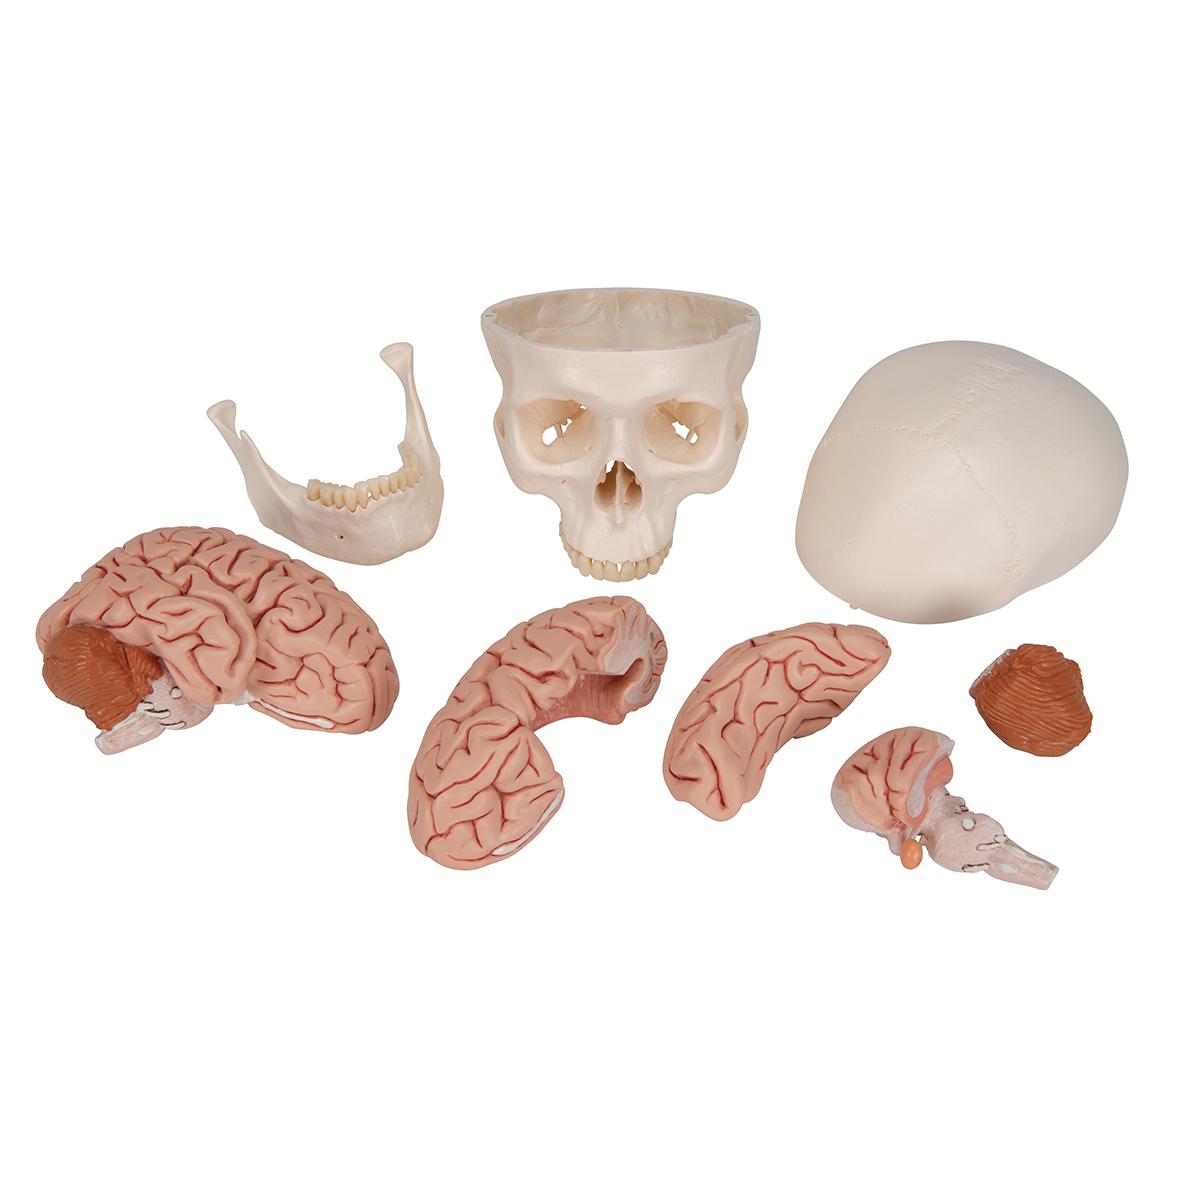 Human Skull Model | Plastic Skull Model | Classic Skull Model with Brain